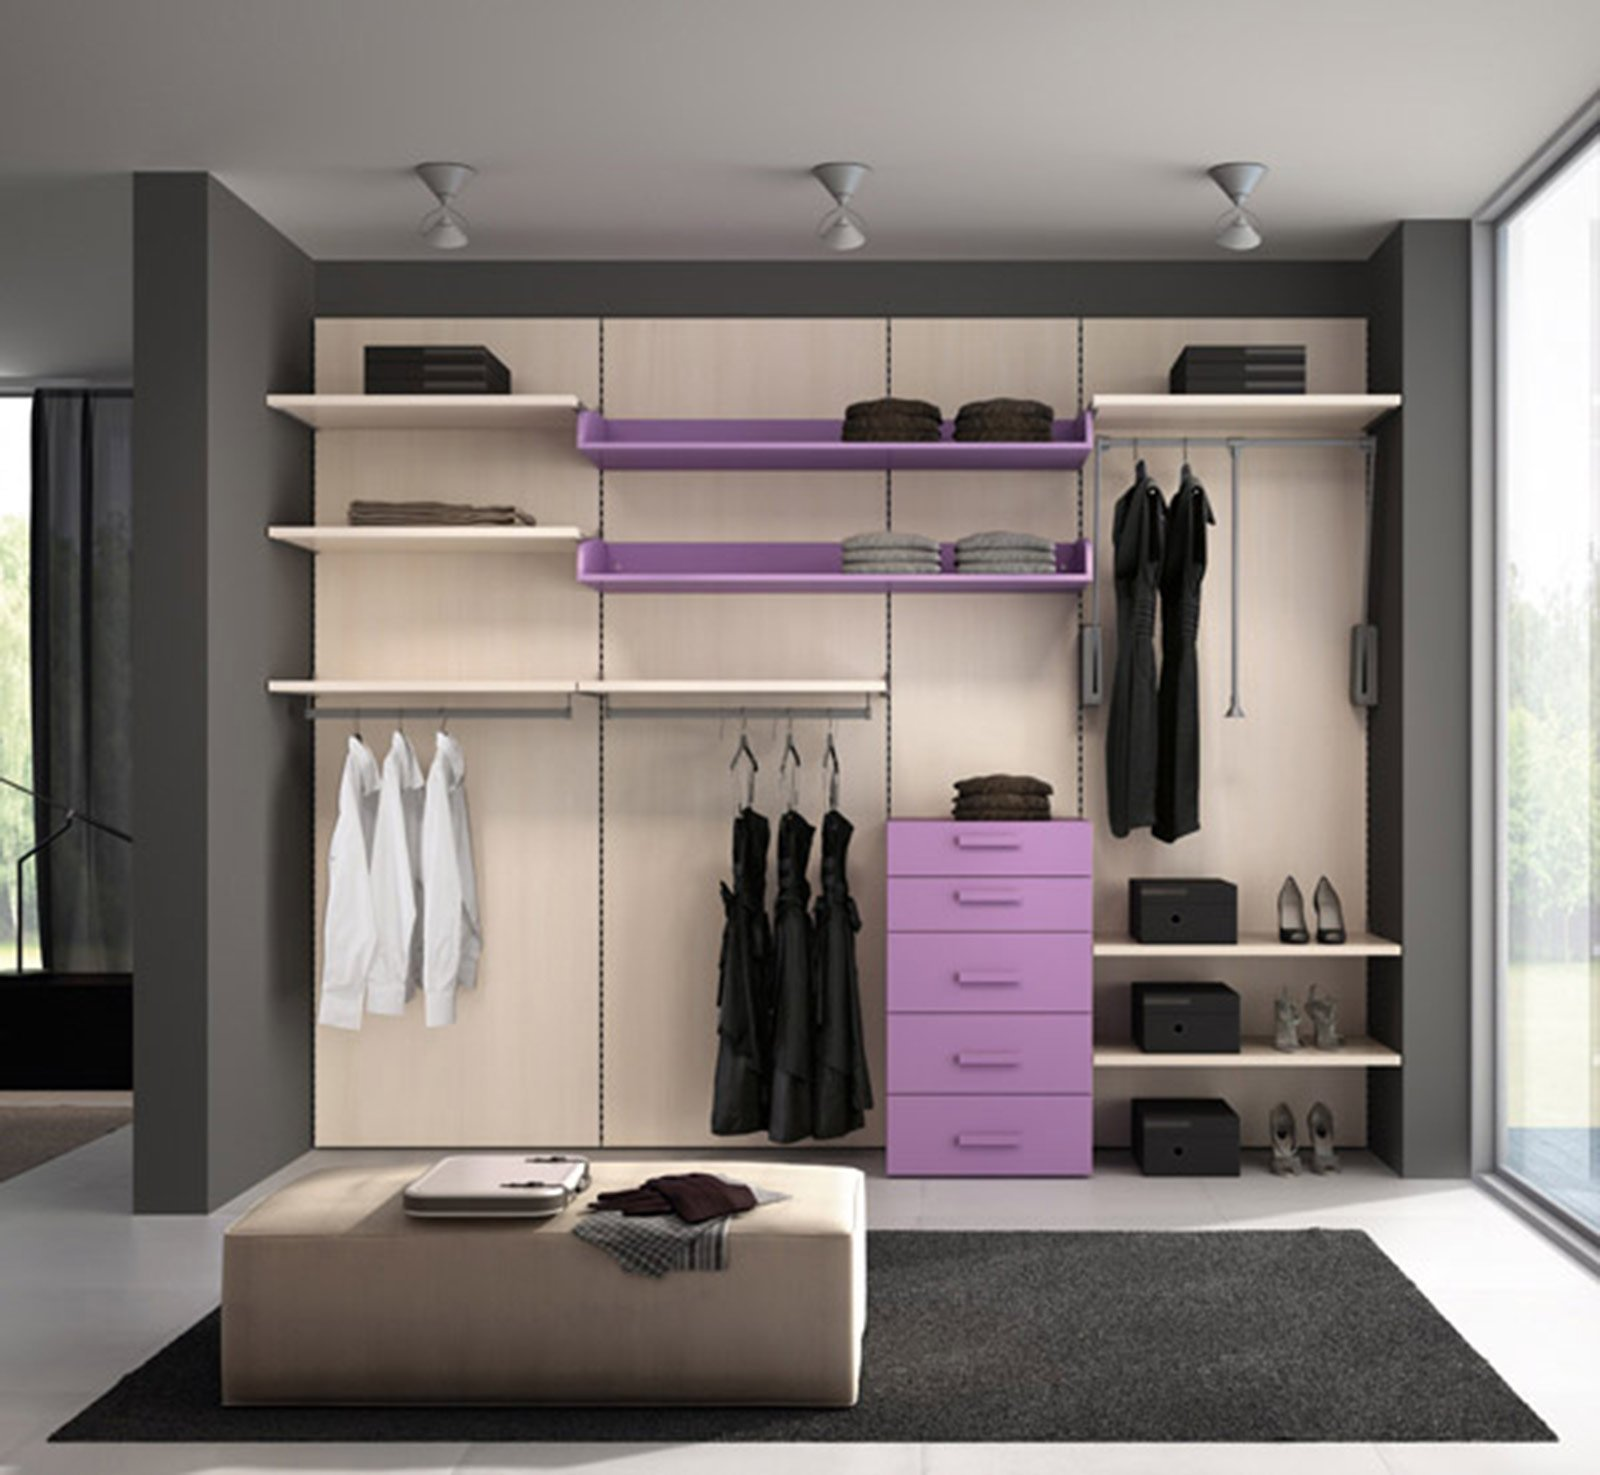 Cabine armadio progettiamo insieme lo spazio cose di casa for Immagini mobili